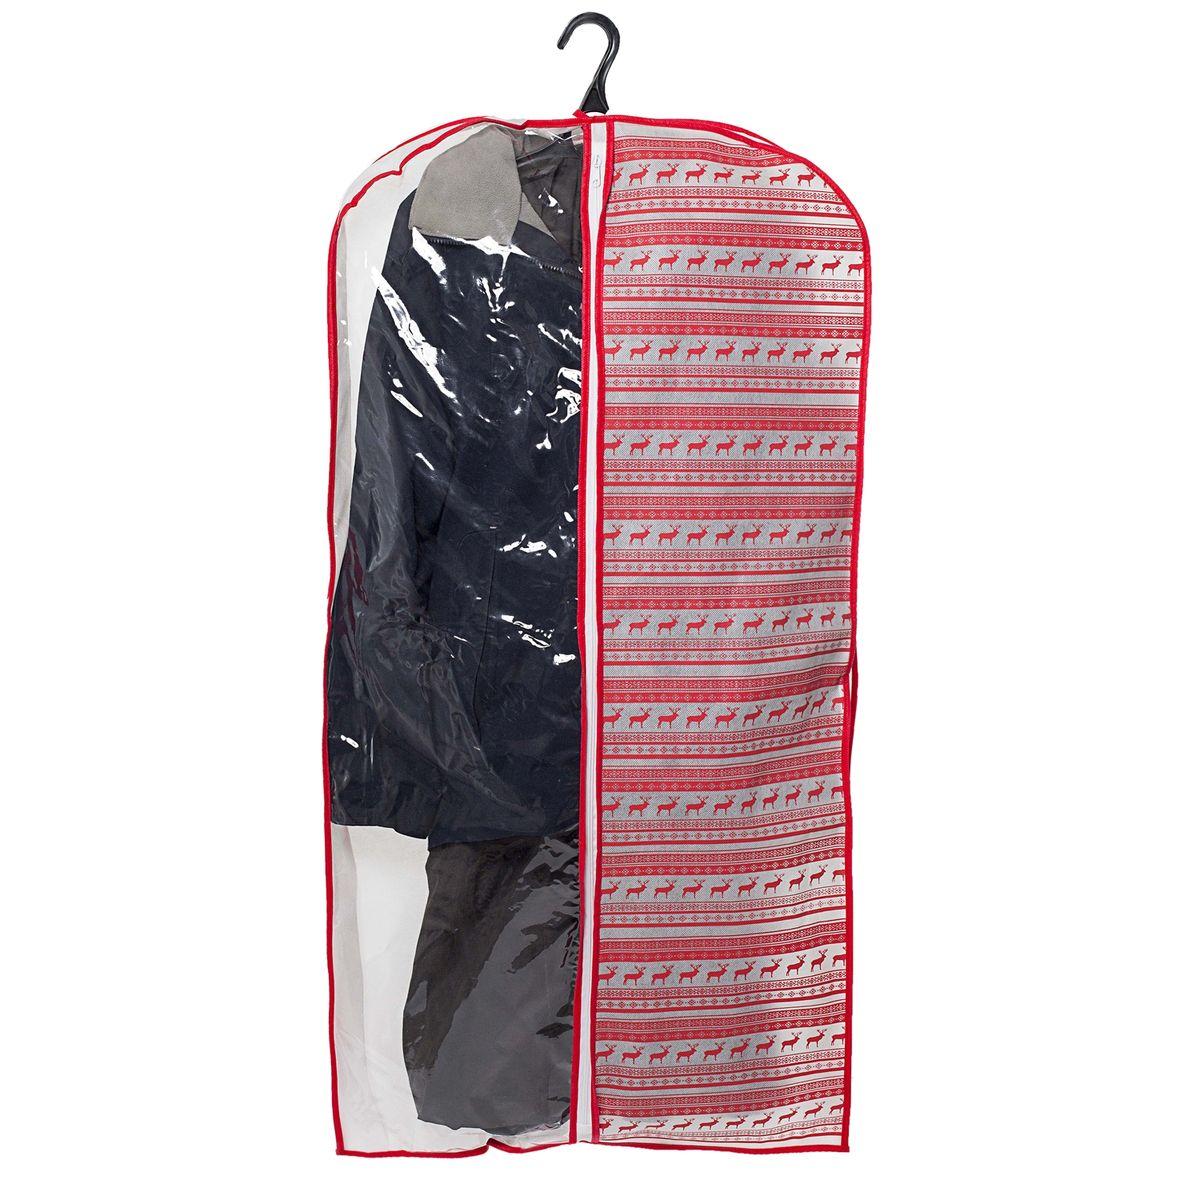 Чехол для одежды Homsu Scandinavia, подвесной, с прозрачной вставкой, 120 x 60 x 10 смHOM-205Подвесной чехол для одежды Homsu Scandinavia на застежке-молнии выполнен из высококачественного нетканого материала. Чехол снабжен прозрачной вставкой из ПВХ, что позволяет легко просматривать содержимое. Изделие подходит для длительного хранения вещей.Чехол обеспечит вашей одежде надежную защиту от влажности, повреждений и грязи при транспортировке, от запыления при хранении и проникновения моли. Чехол позволяет воздуху свободно поступать внутрь вещей, обеспечивая их кондиционирование. Это особенно важно при хранении кожаных и меховых изделий.Чехол для одежды Homsu Scandinavia создаст уютную атмосферу в гардеробе. Лаконичный дизайн придется по вкусу ценительницам эстетичного хранения и сделают вашу гардеробную изысканной и невероятно стильной.Размер чехла: 120 х 60 х 10 см.